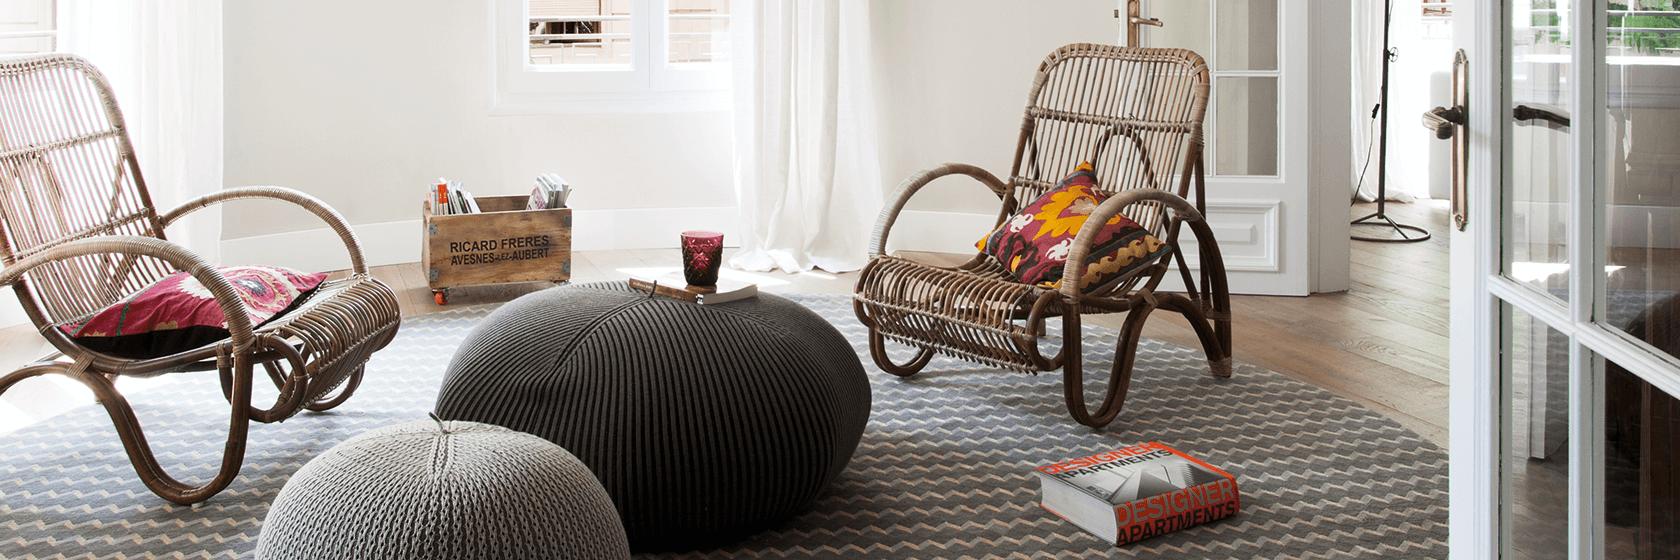 Antes y después: Espai Travessera | The Room Studio